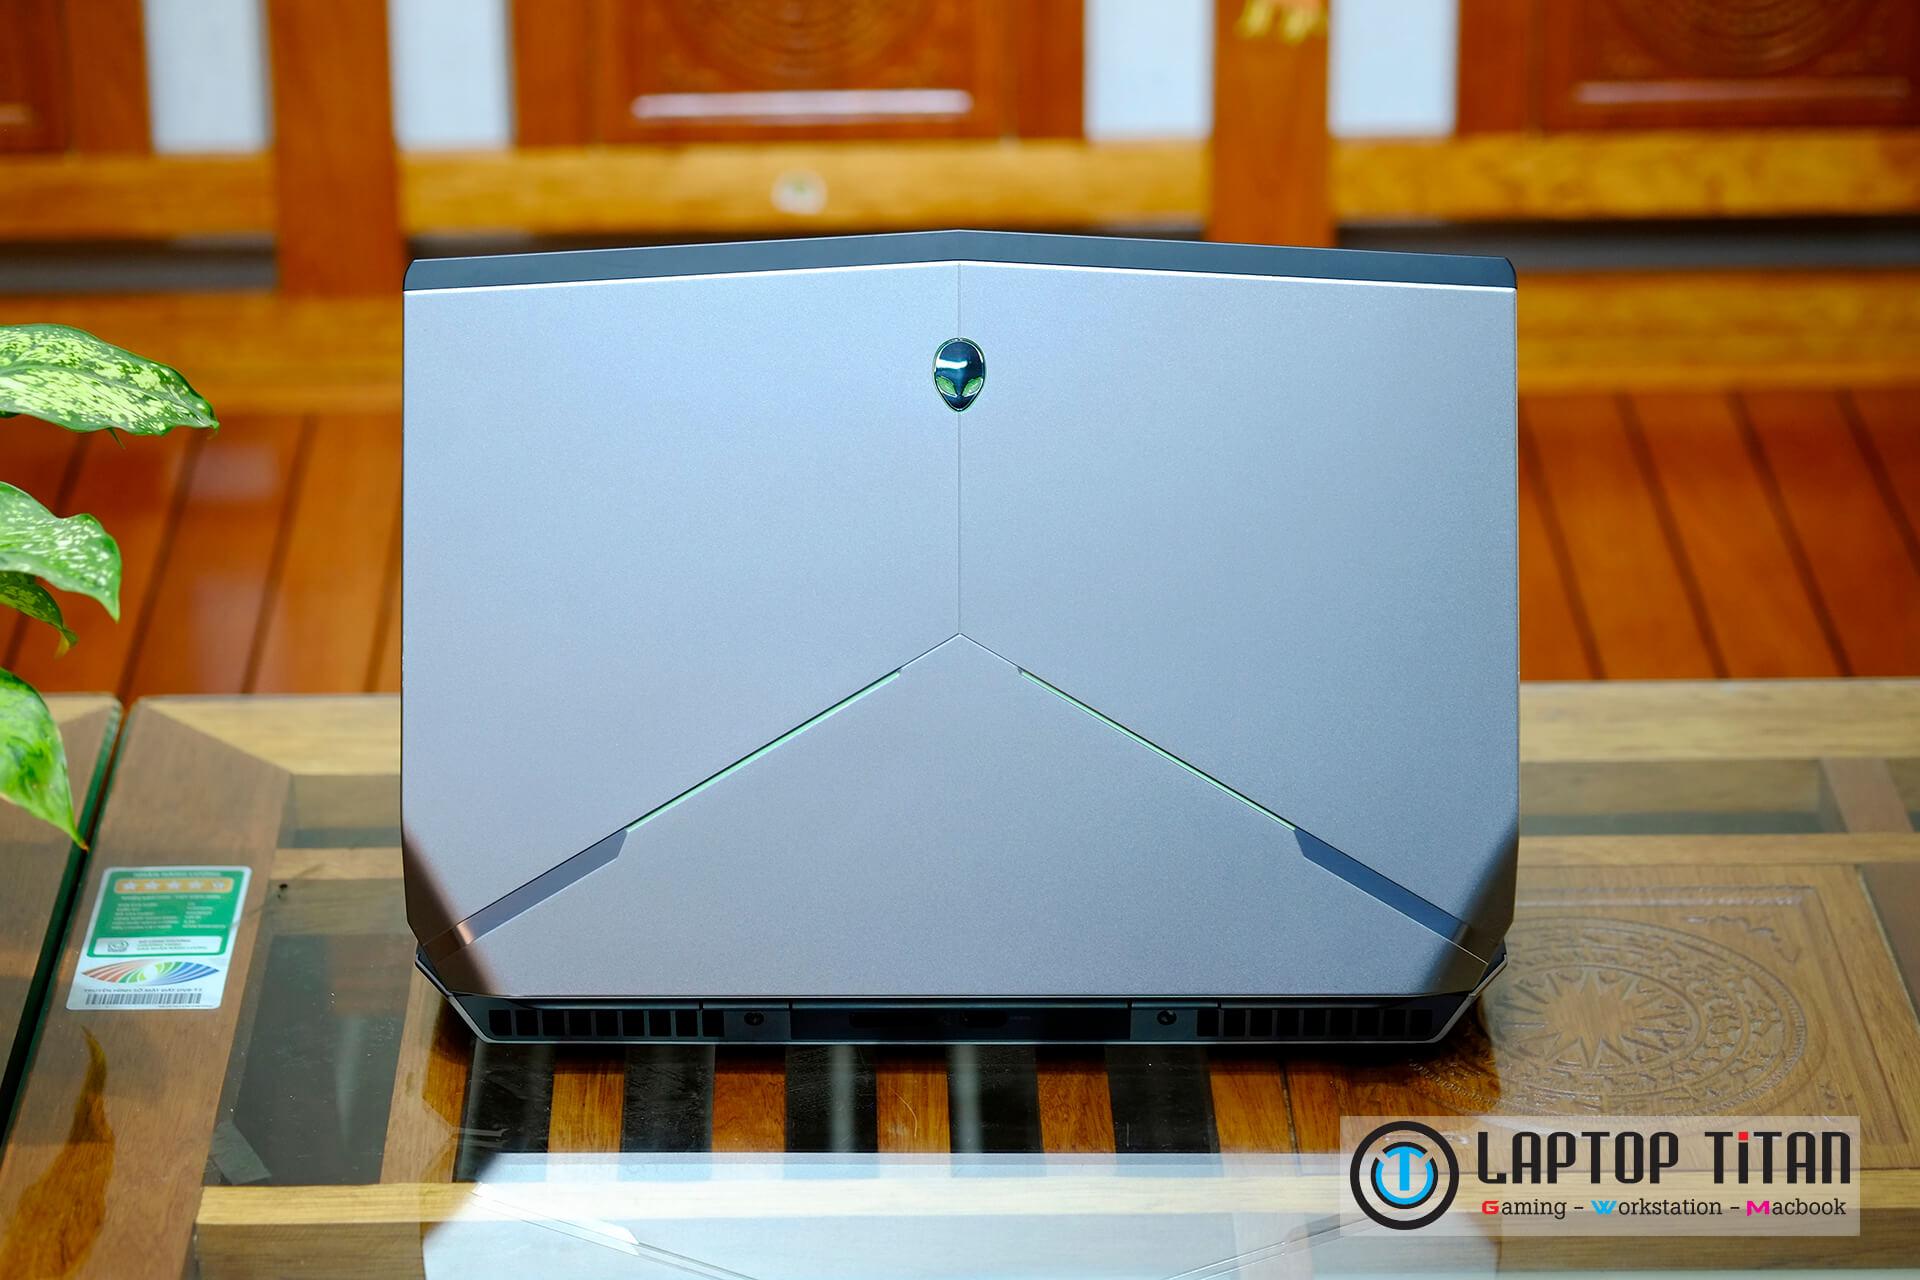 Dell Alienware 15 R2 5 1